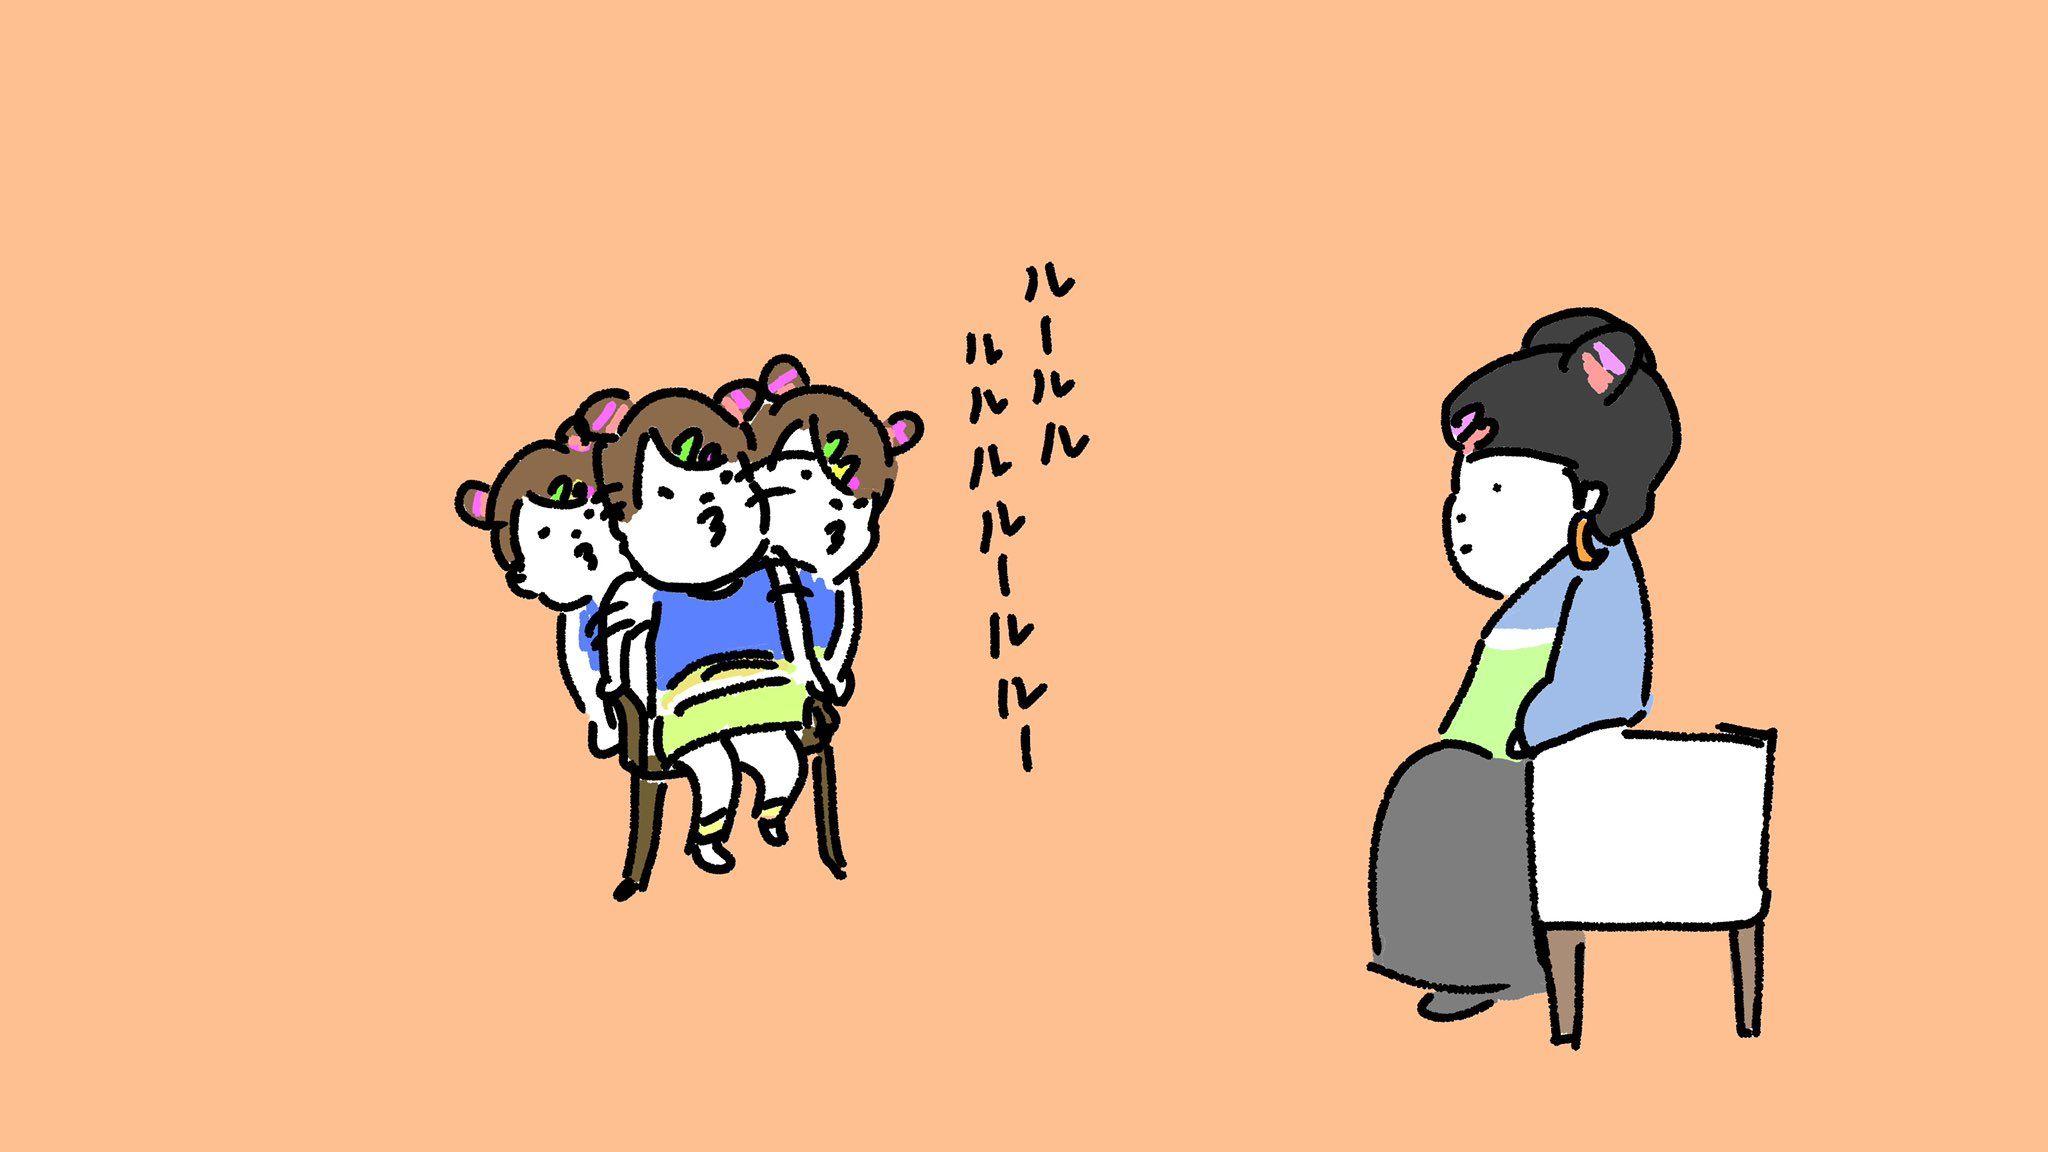 徹子 フワ の 部屋 ちゃん